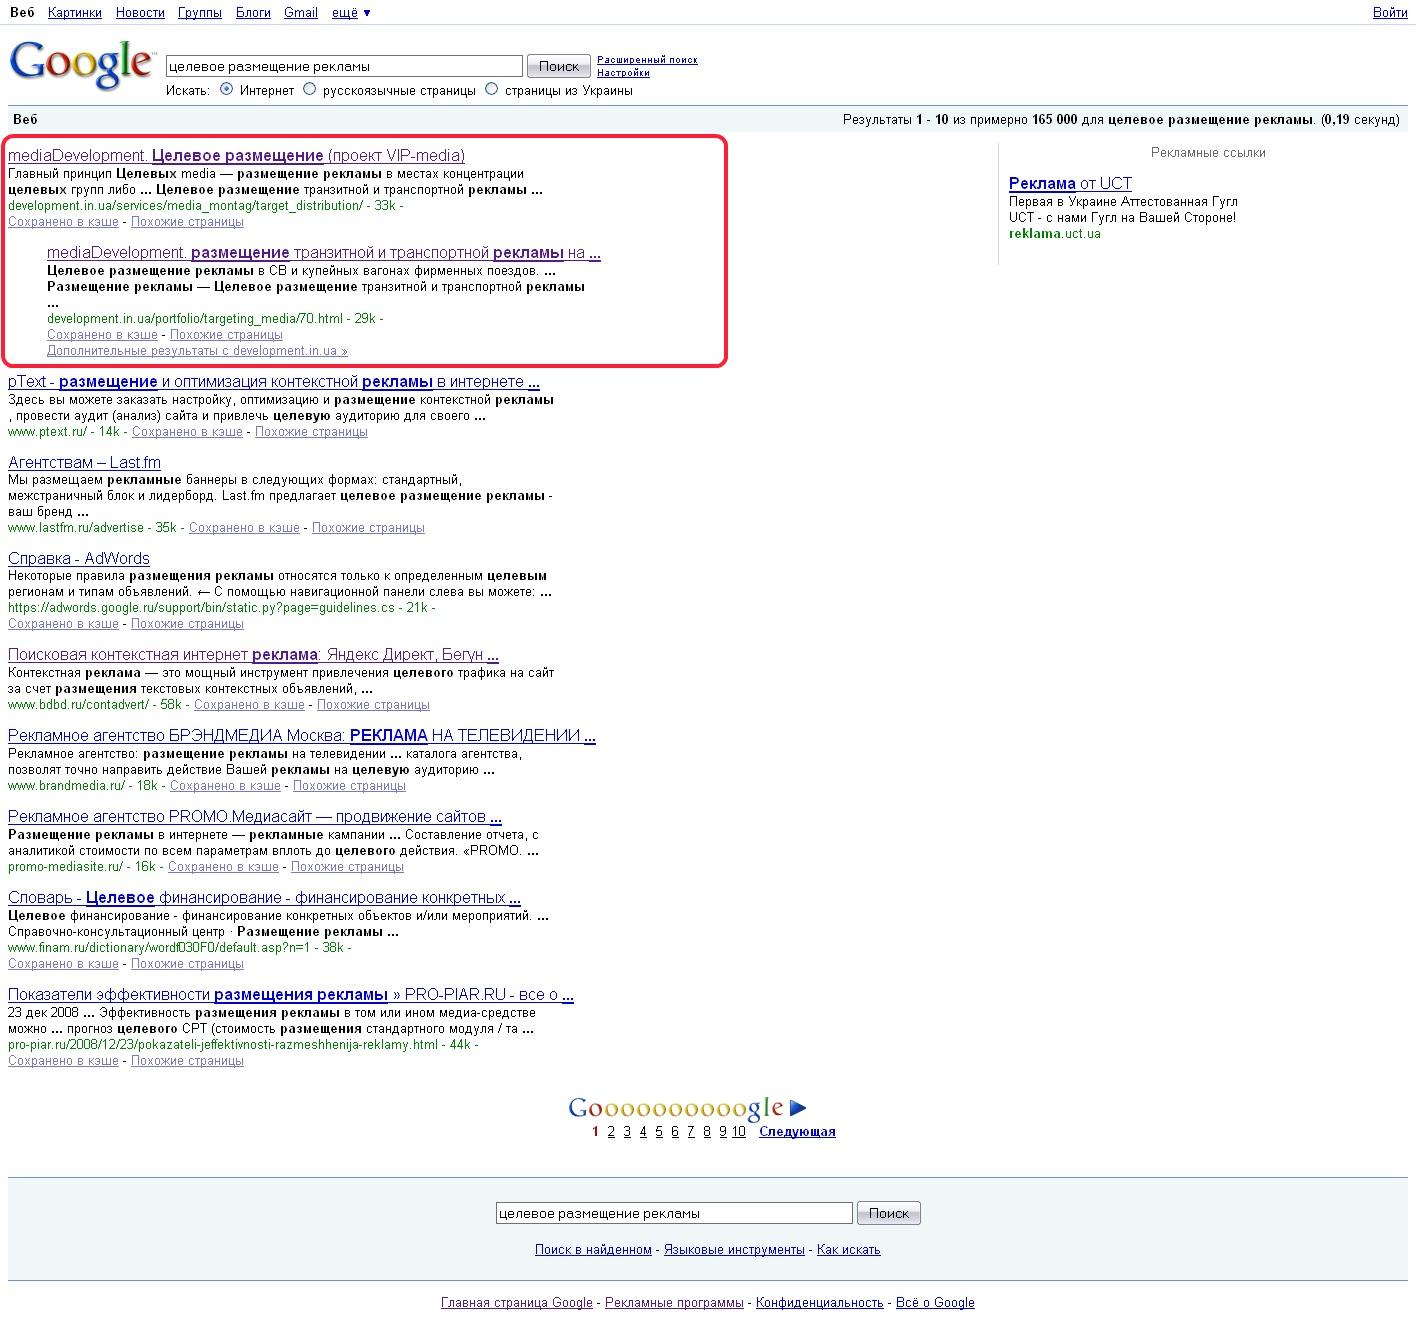 целевое размещение рекламы - Google